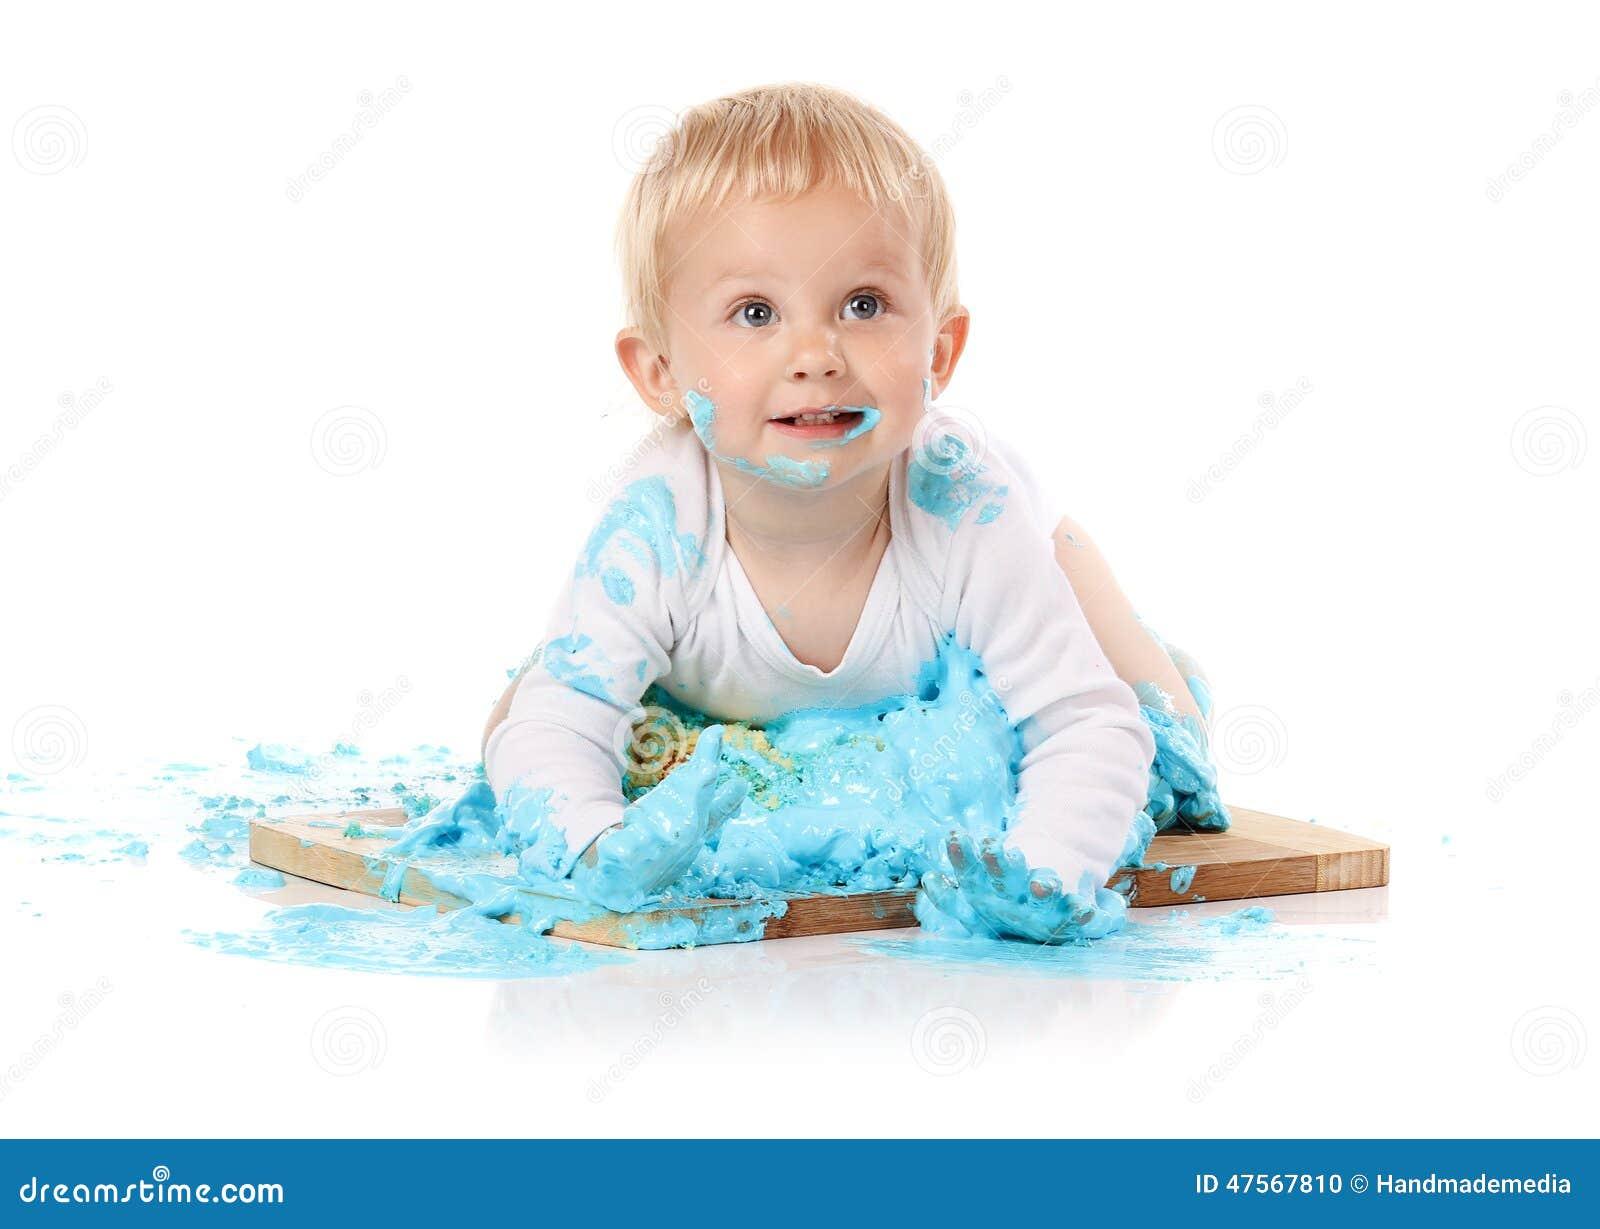 Baby Smashing Cake Stock Photo Image 47567810